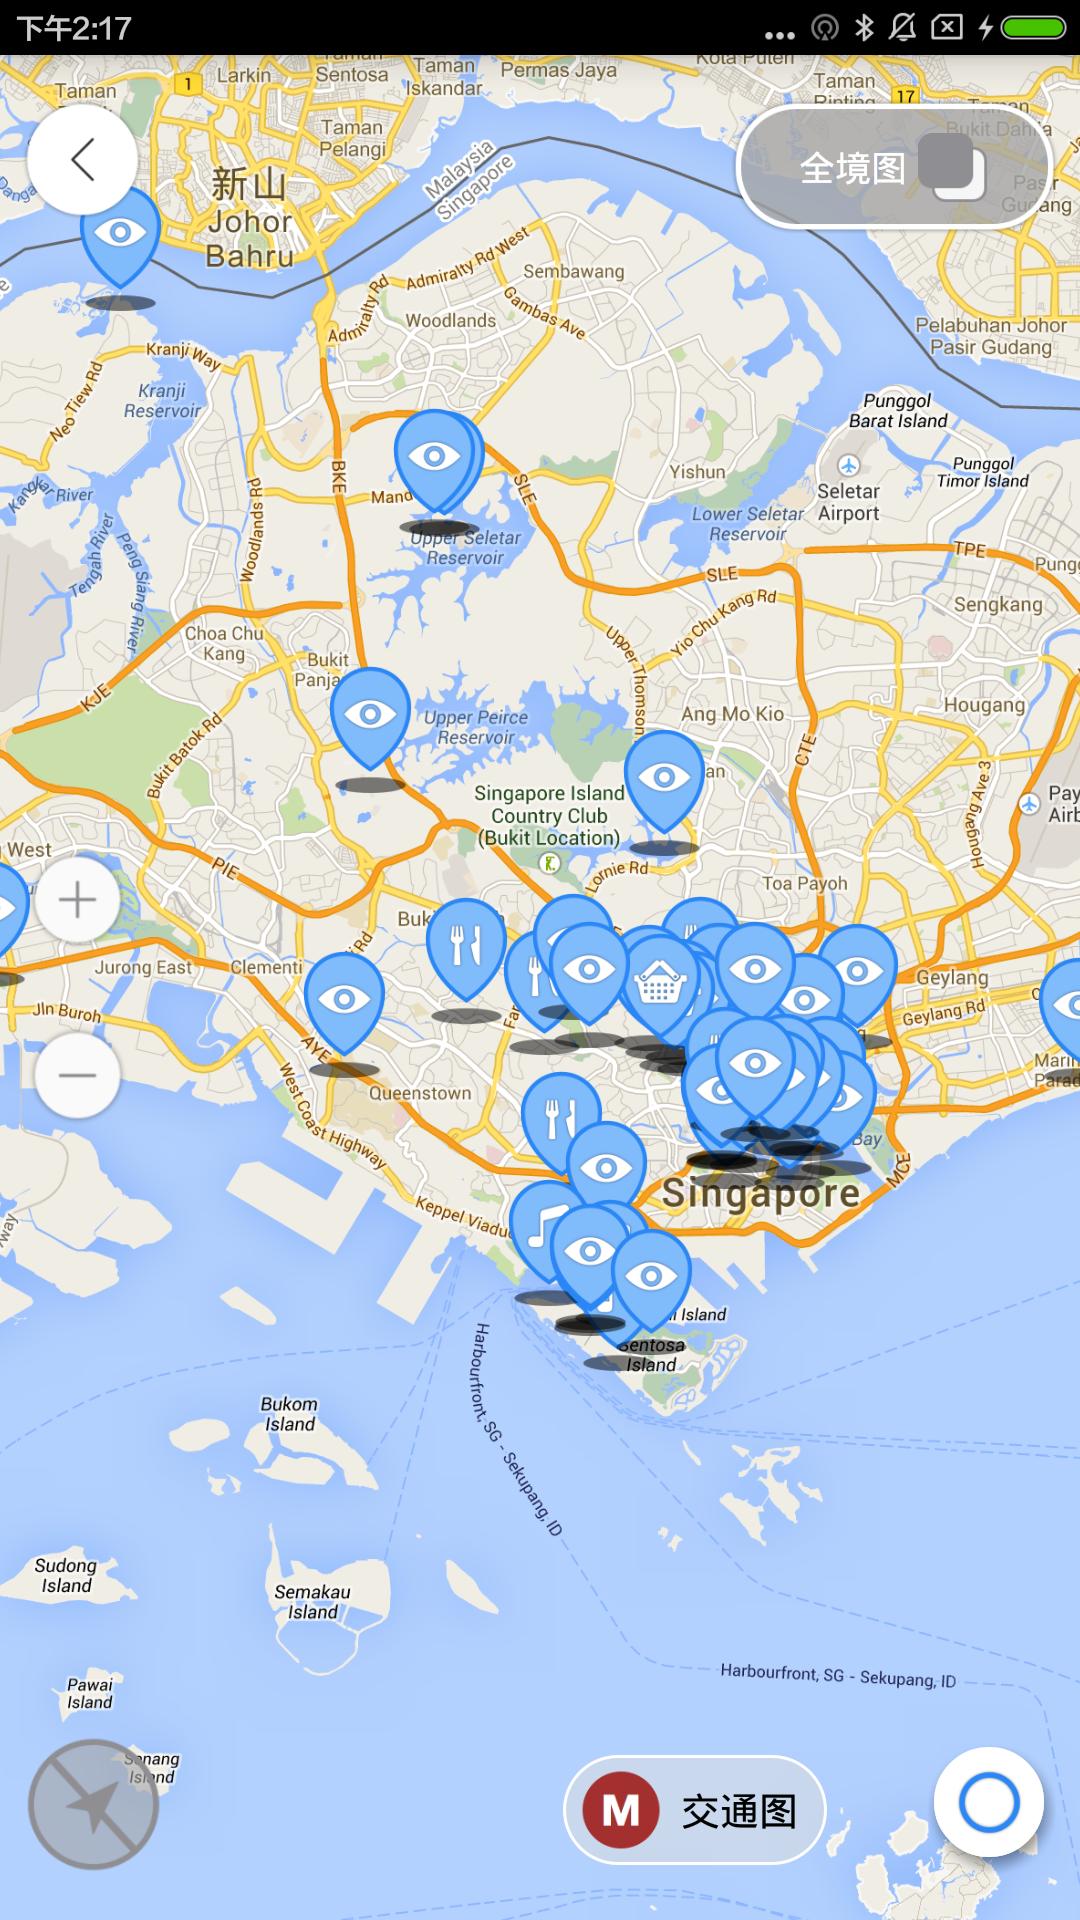 新加坡离线地图_提供新加坡离线地图3.0